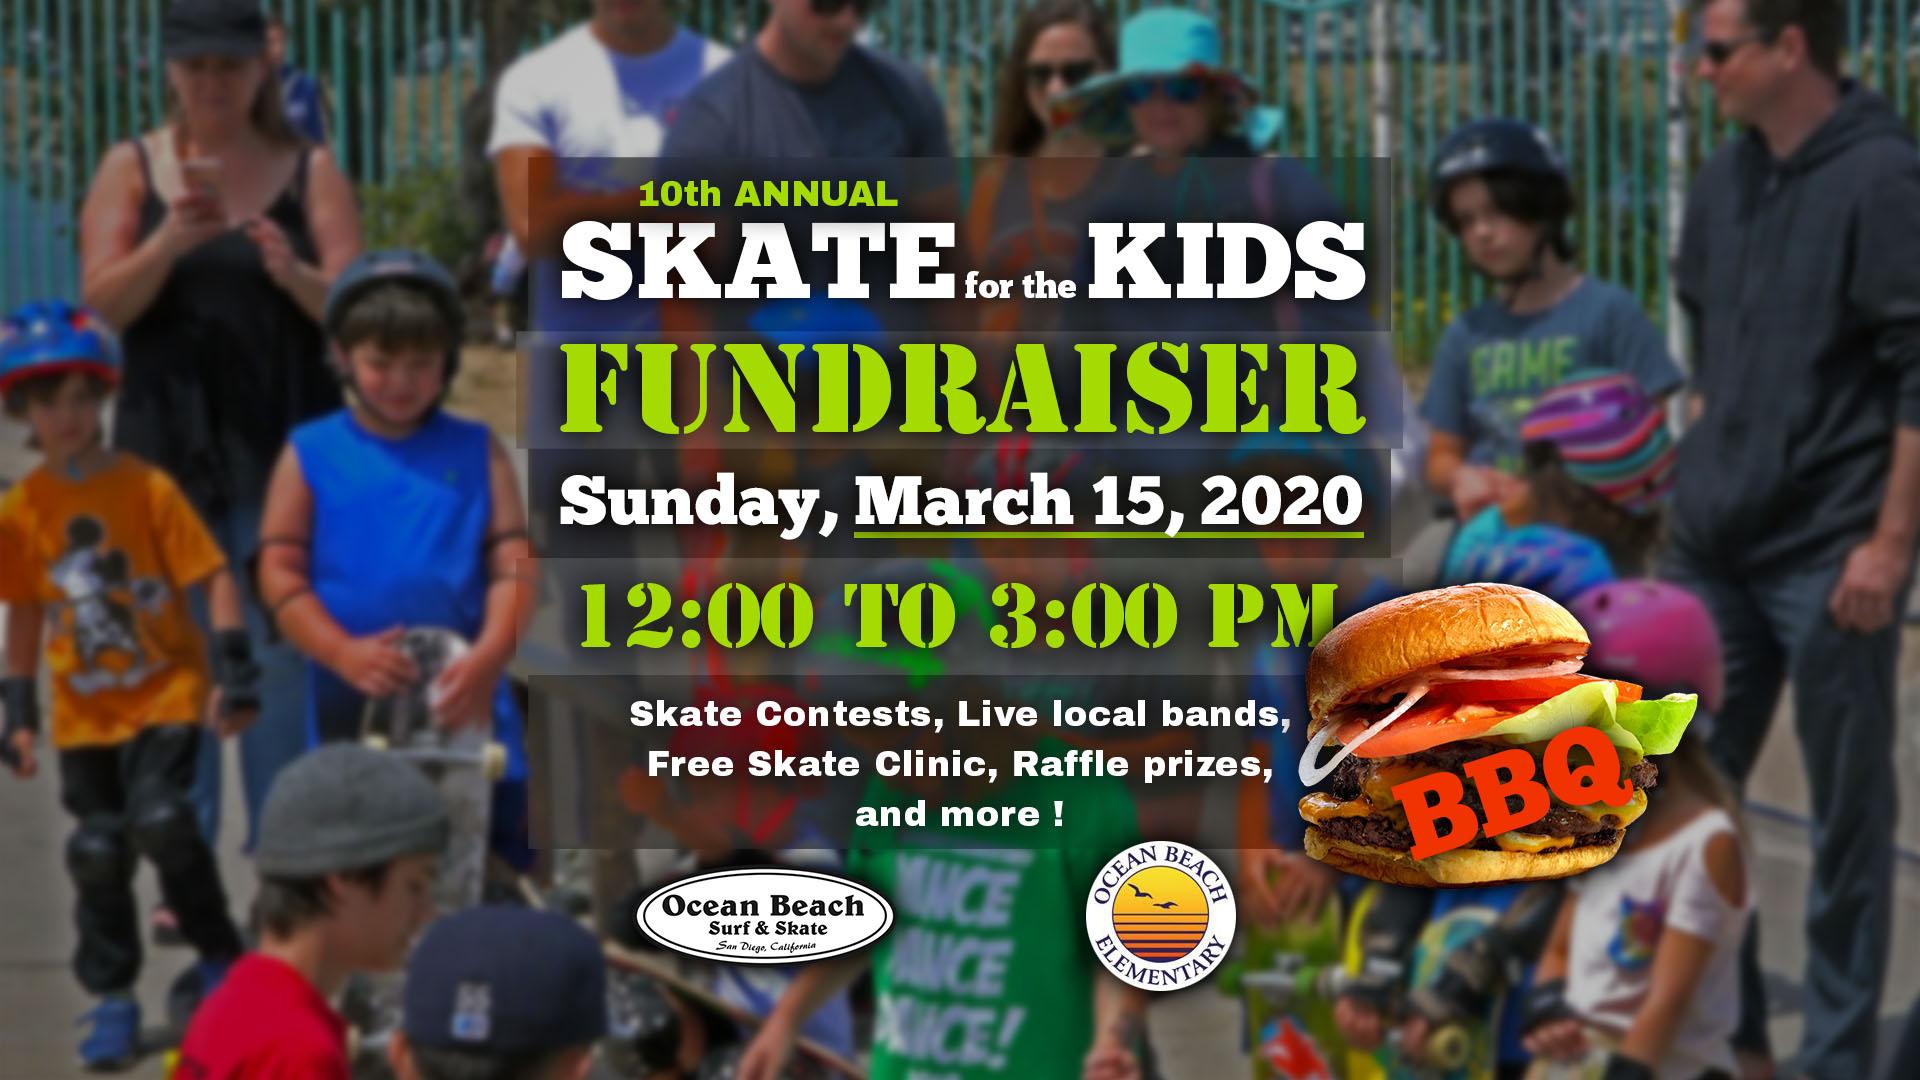 Ocean Beach News Article: 10th Annual Skate for the Kids